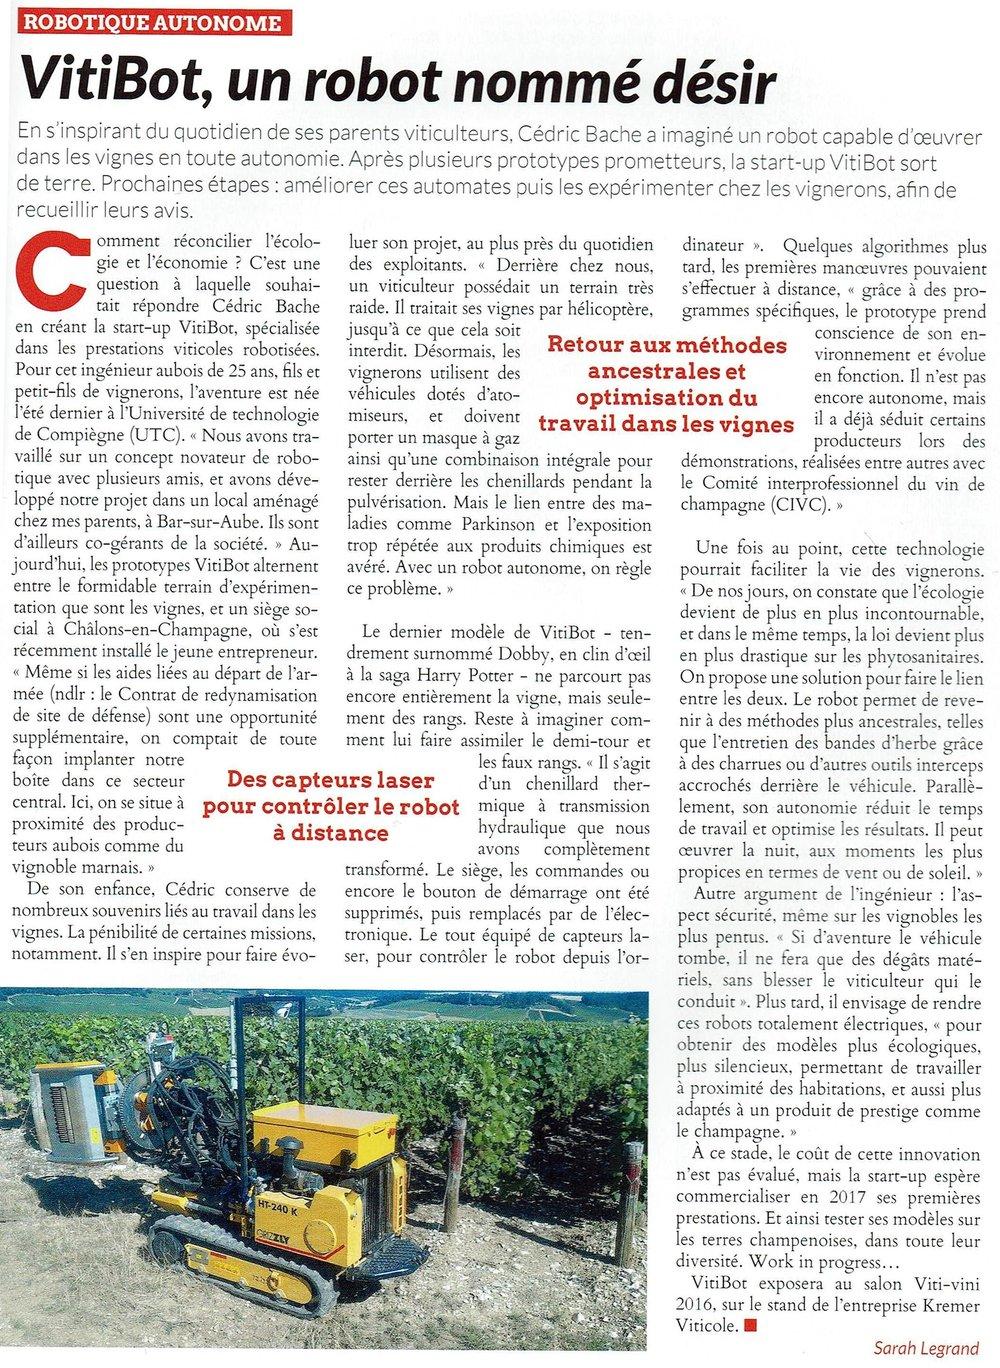 Article Champagne Viticole Vitibot : Un robot nommé désir